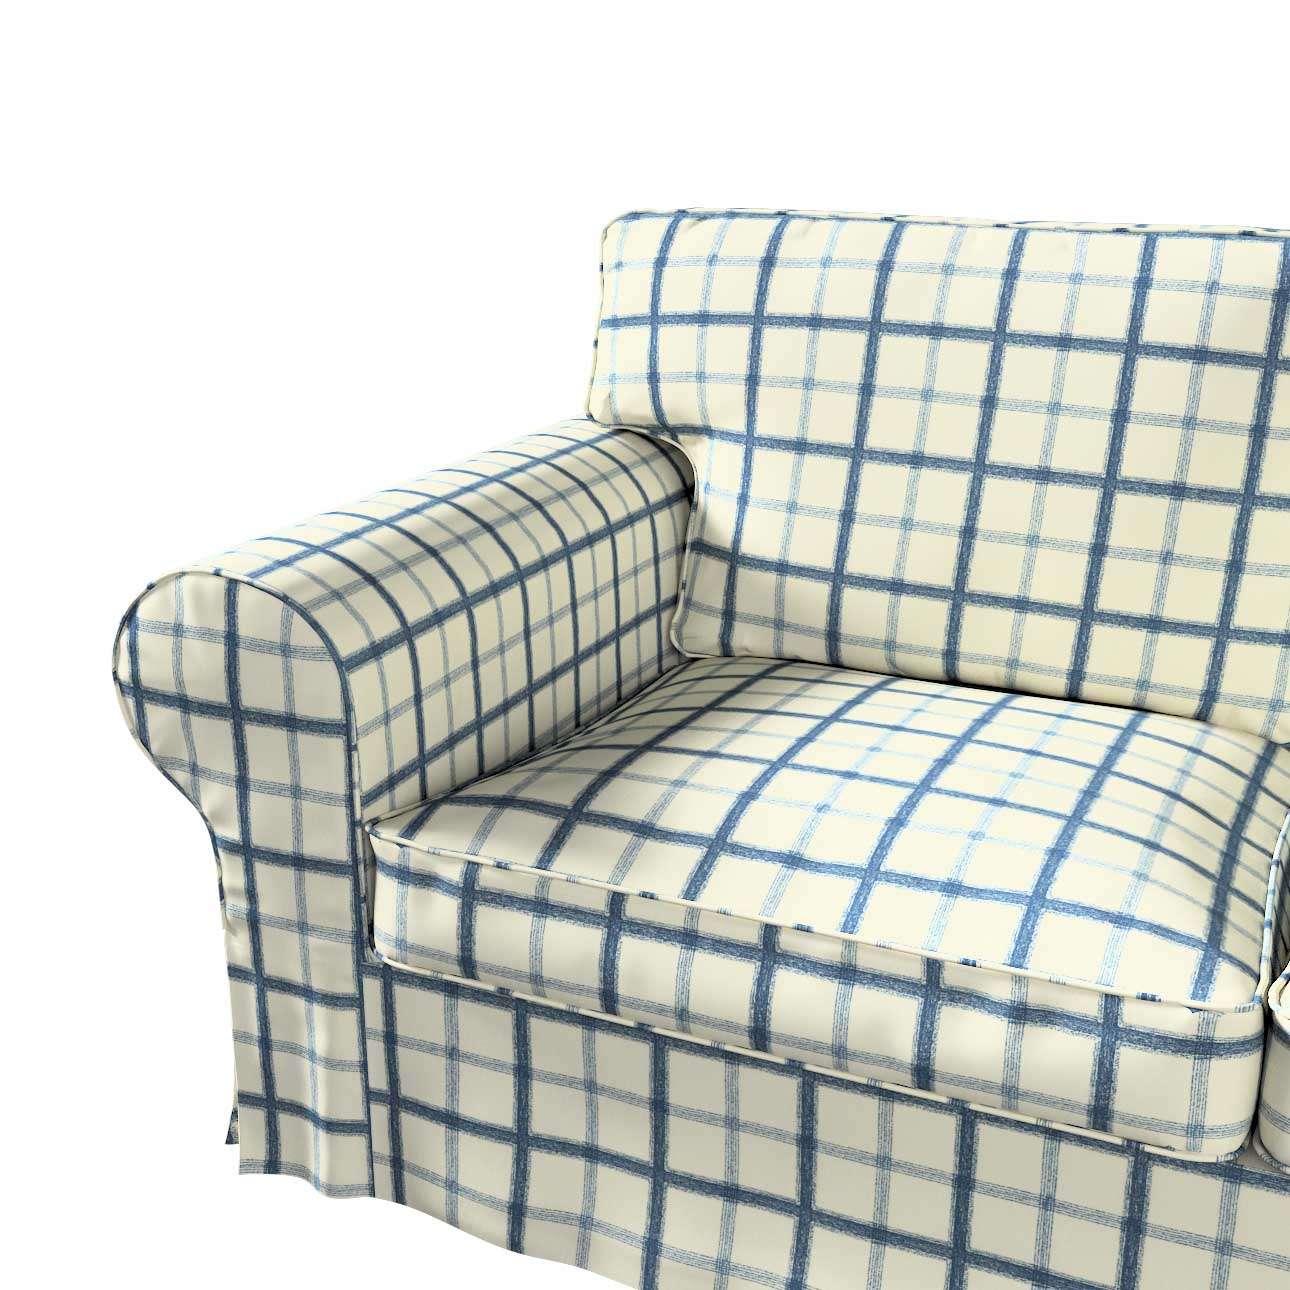 Pokrowiec na sofę Ektorp 2-osobową i leżankę w kolekcji Avinon, tkanina: 131-66